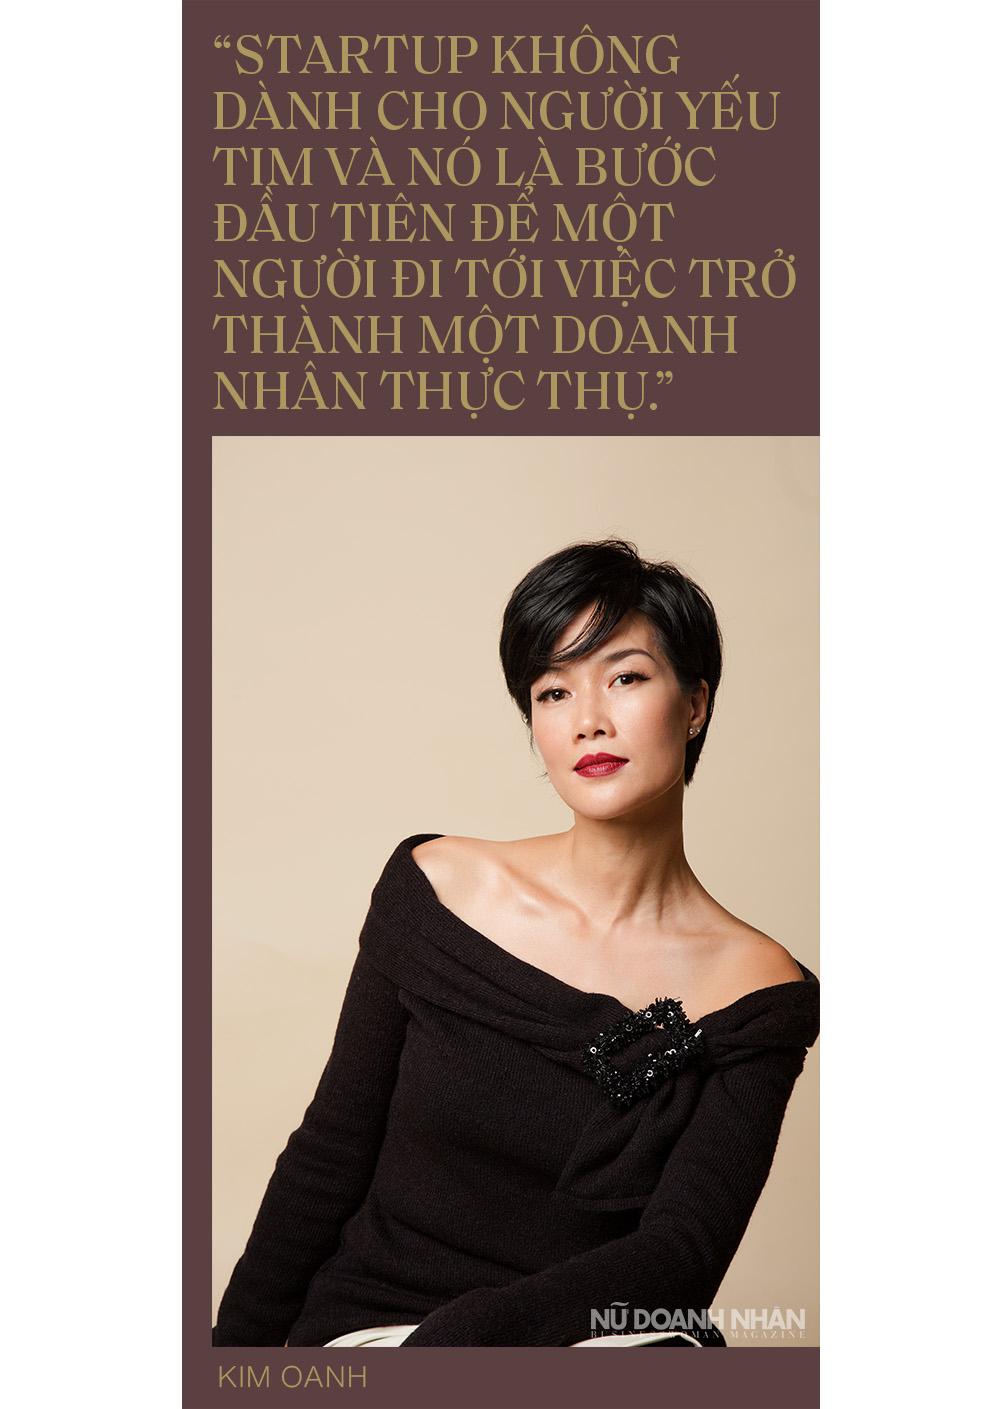 nu doanh nhan Nguyen Thi Kim Oanh